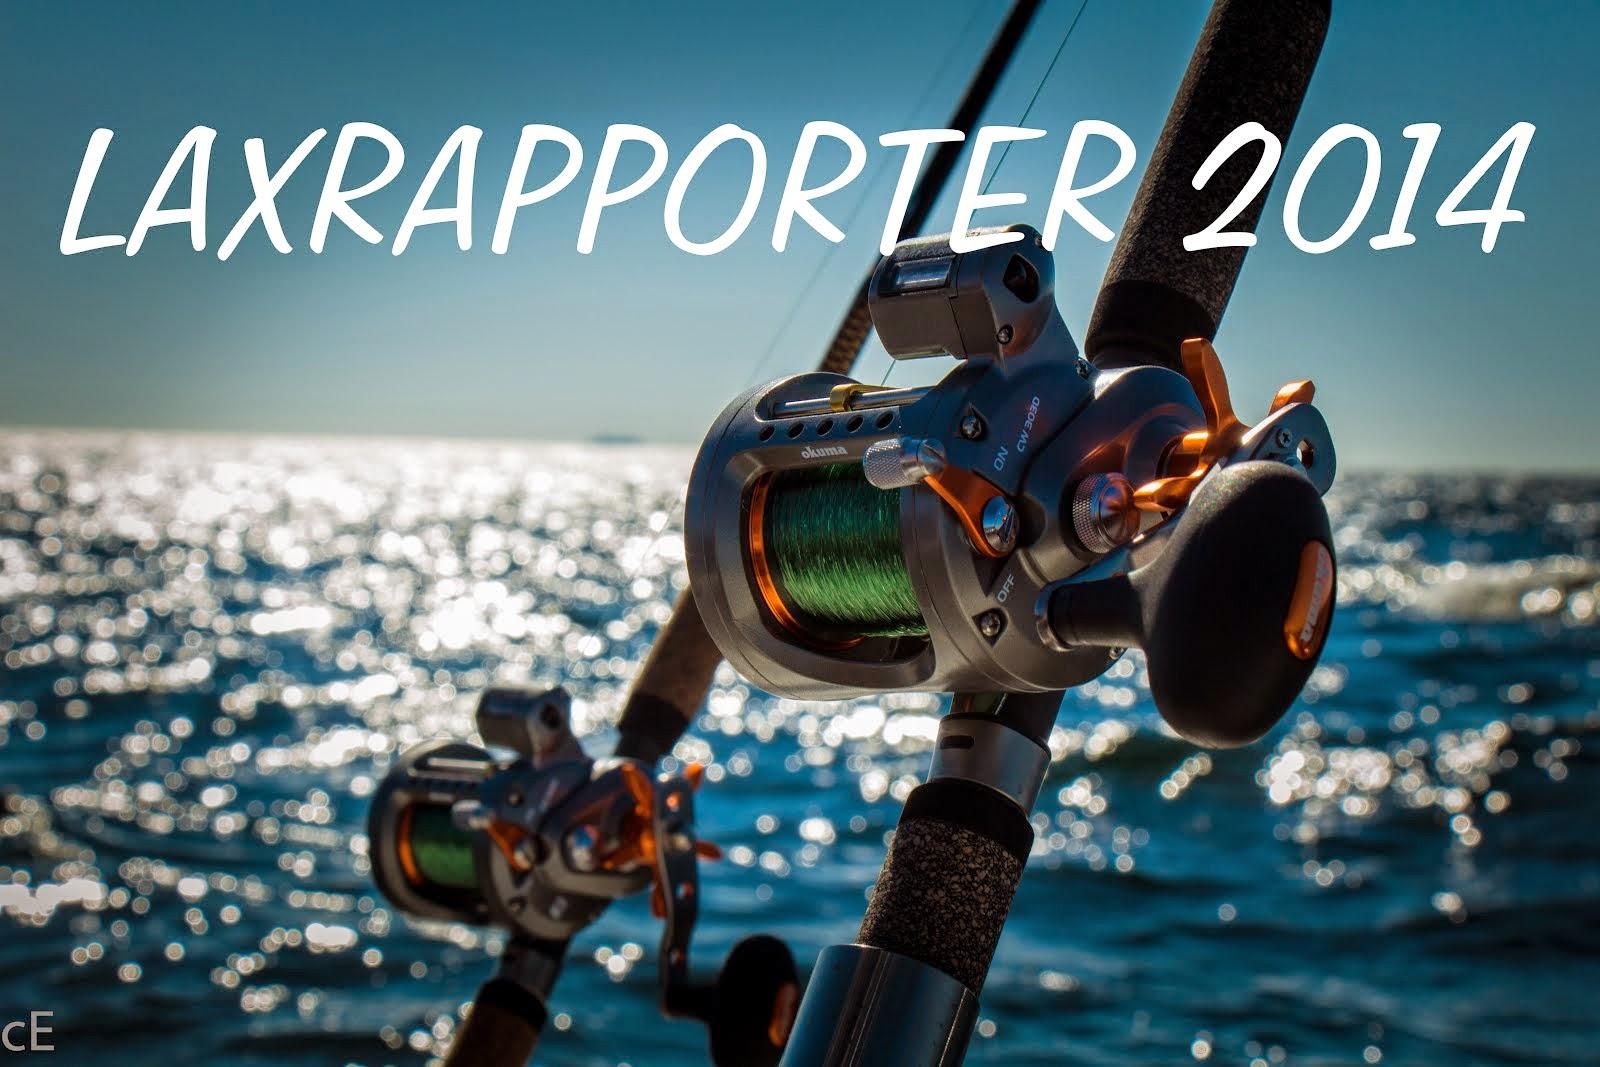 Laxrapporter 2014